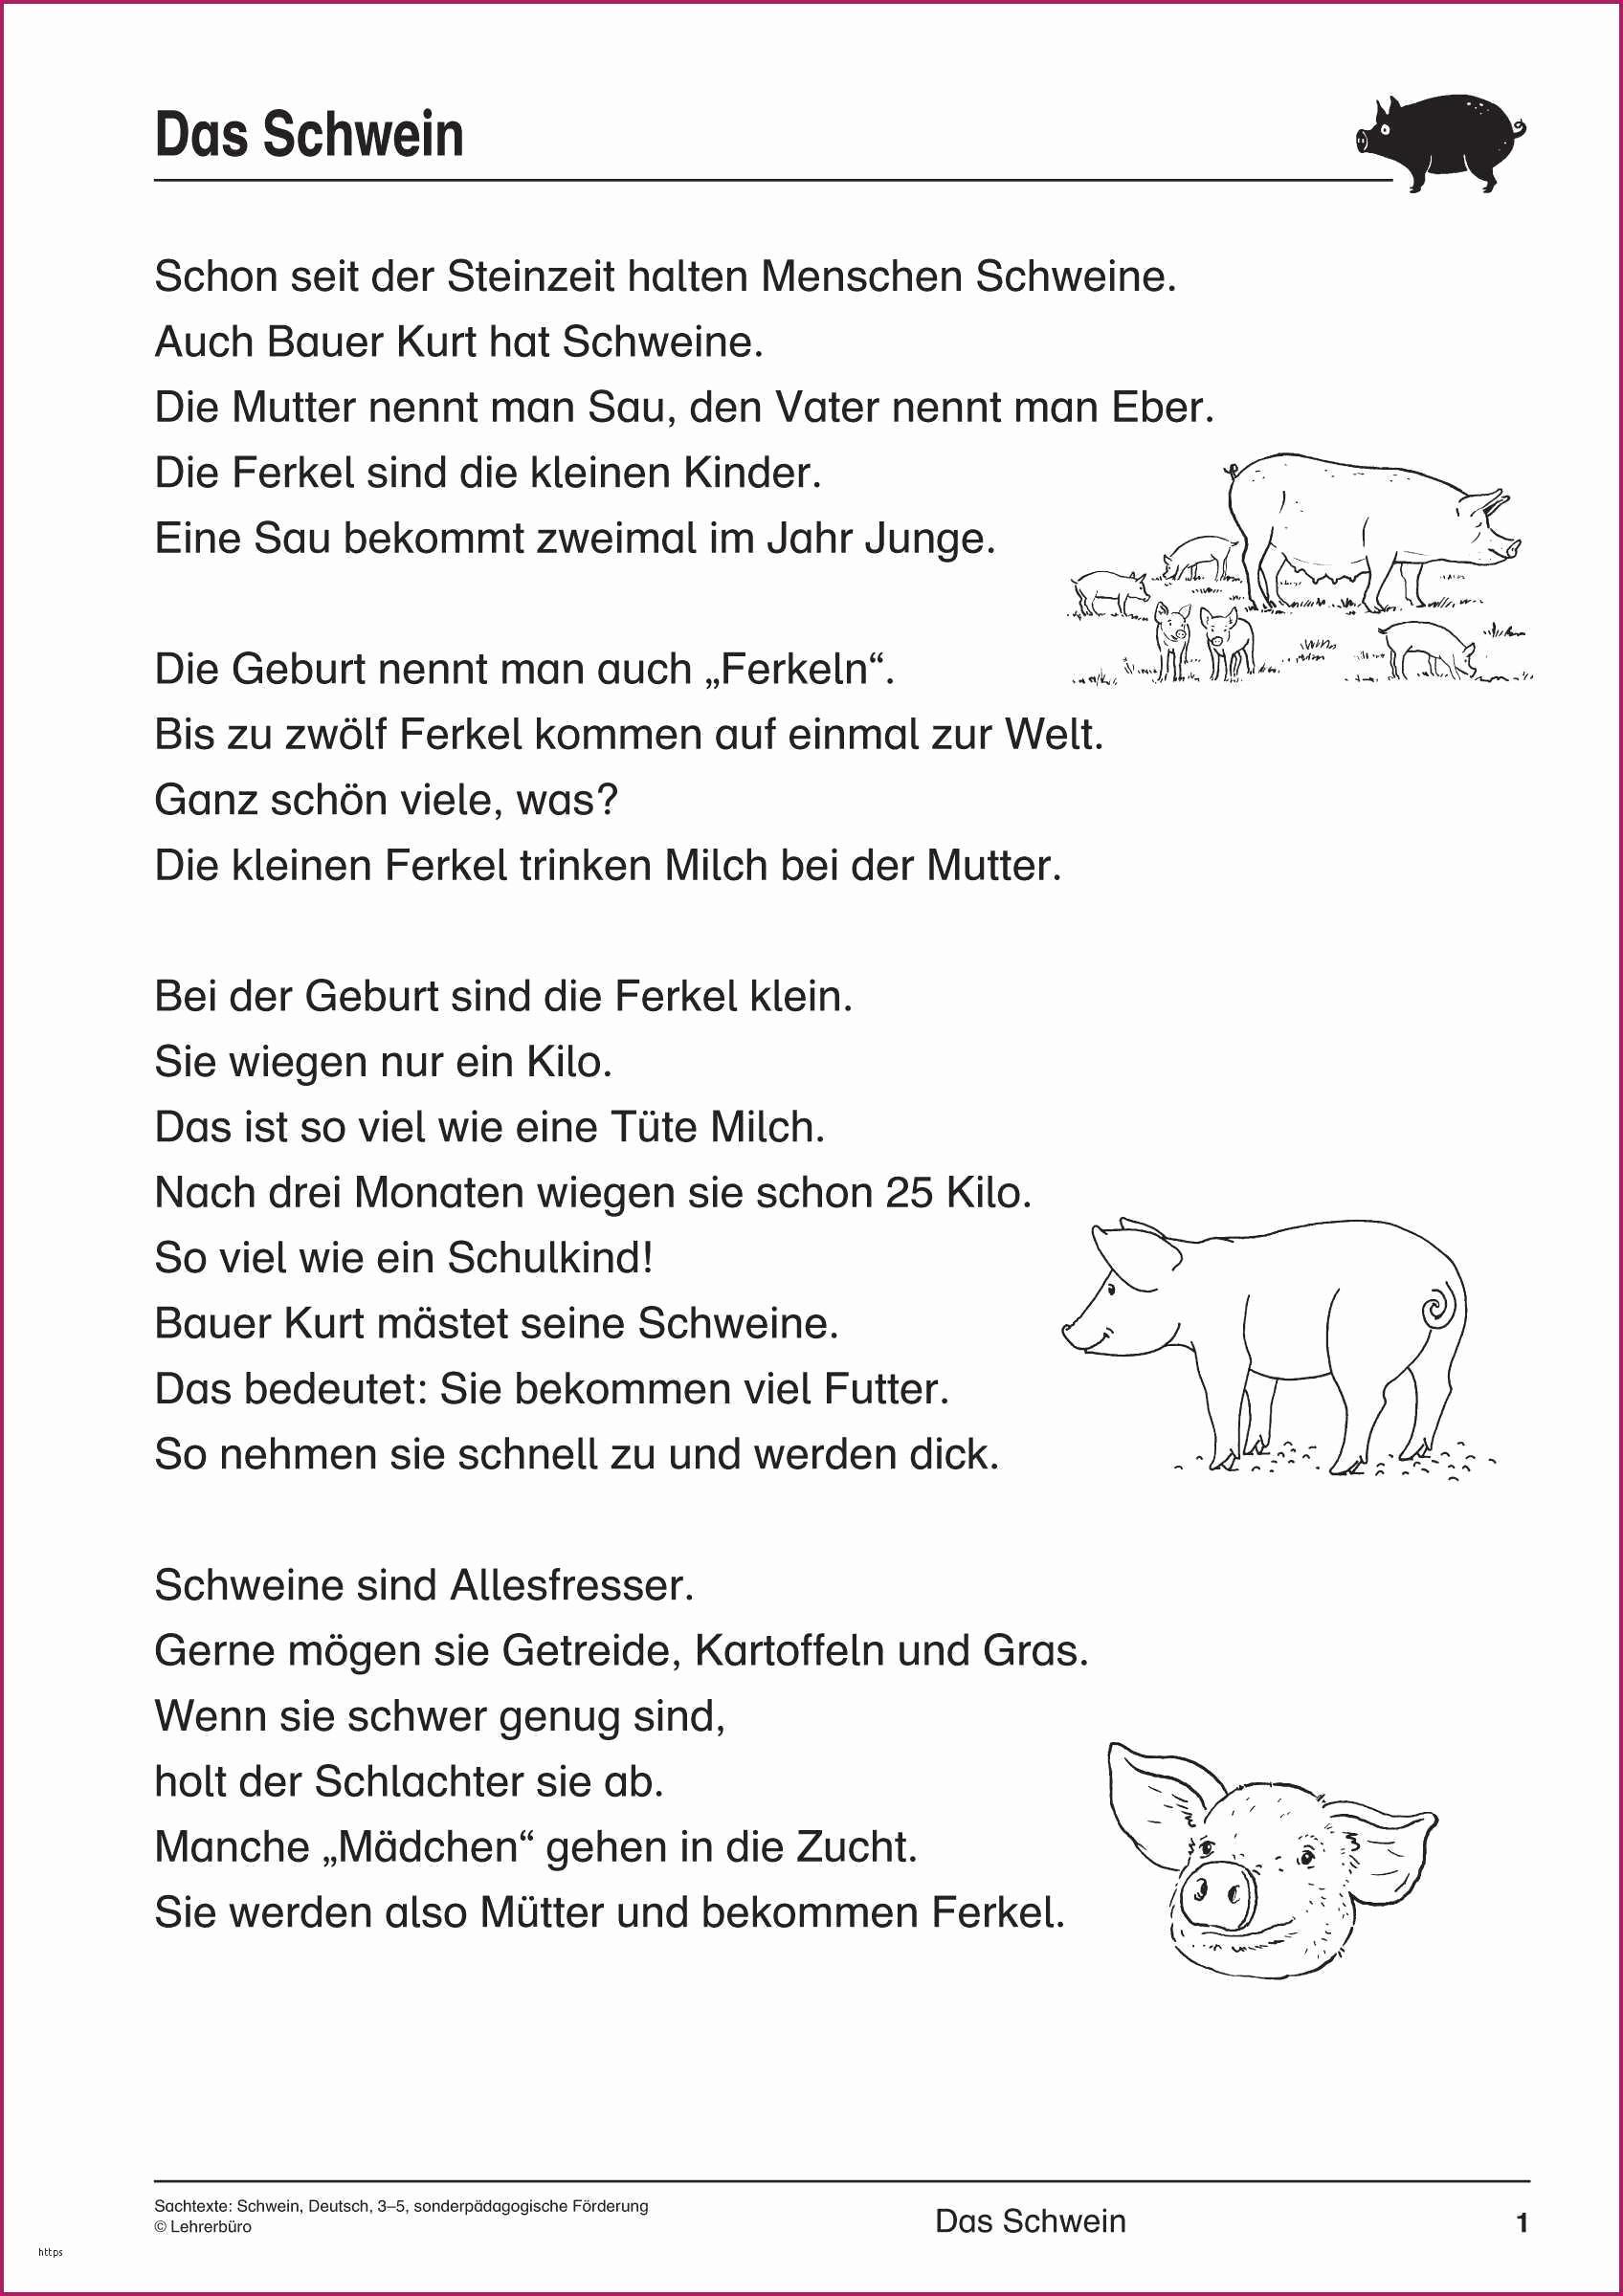 Steinzeit Bilder Zum Ausmalen Genial 46 Einzigartig Bilder Biologie 5 Klasse Gymnasium Hund Elegant Galerie